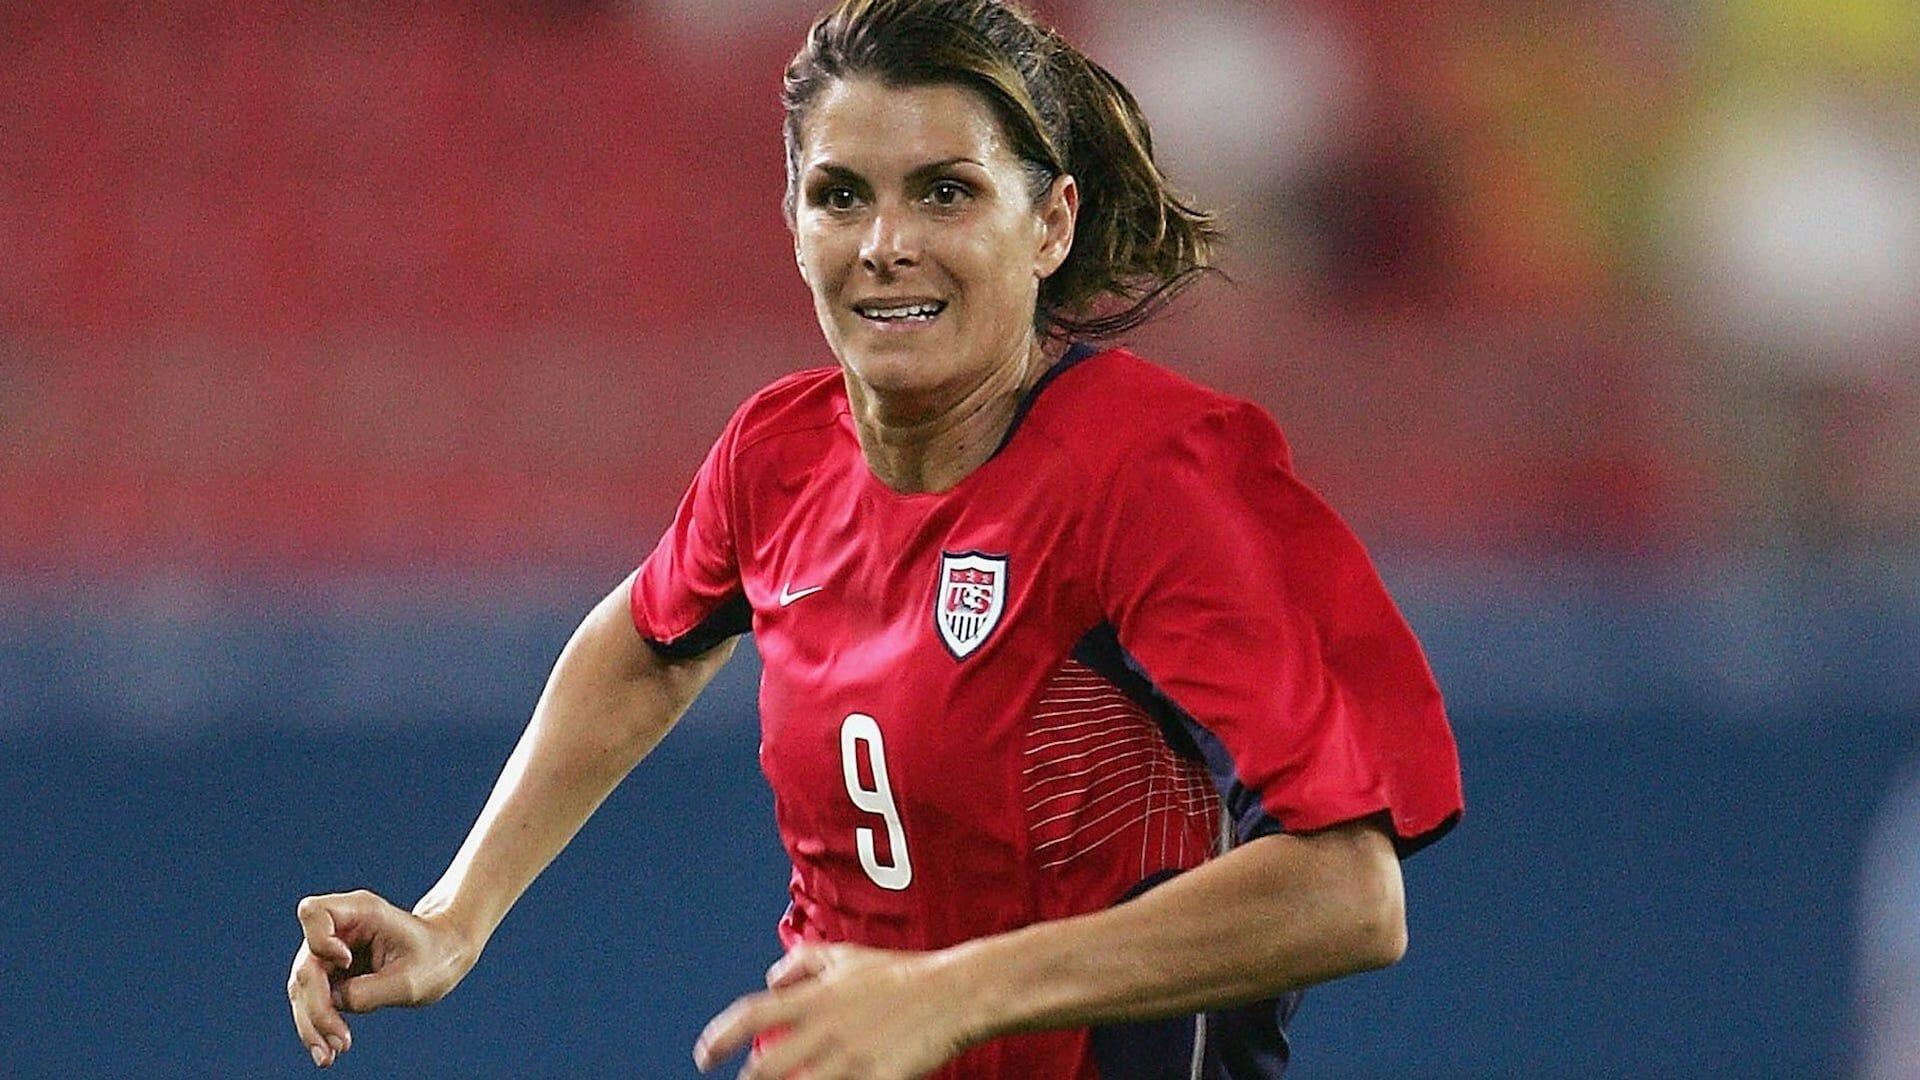 Retour sur une légende du sport: Mia Hamm, une femme aux pieds d'or!